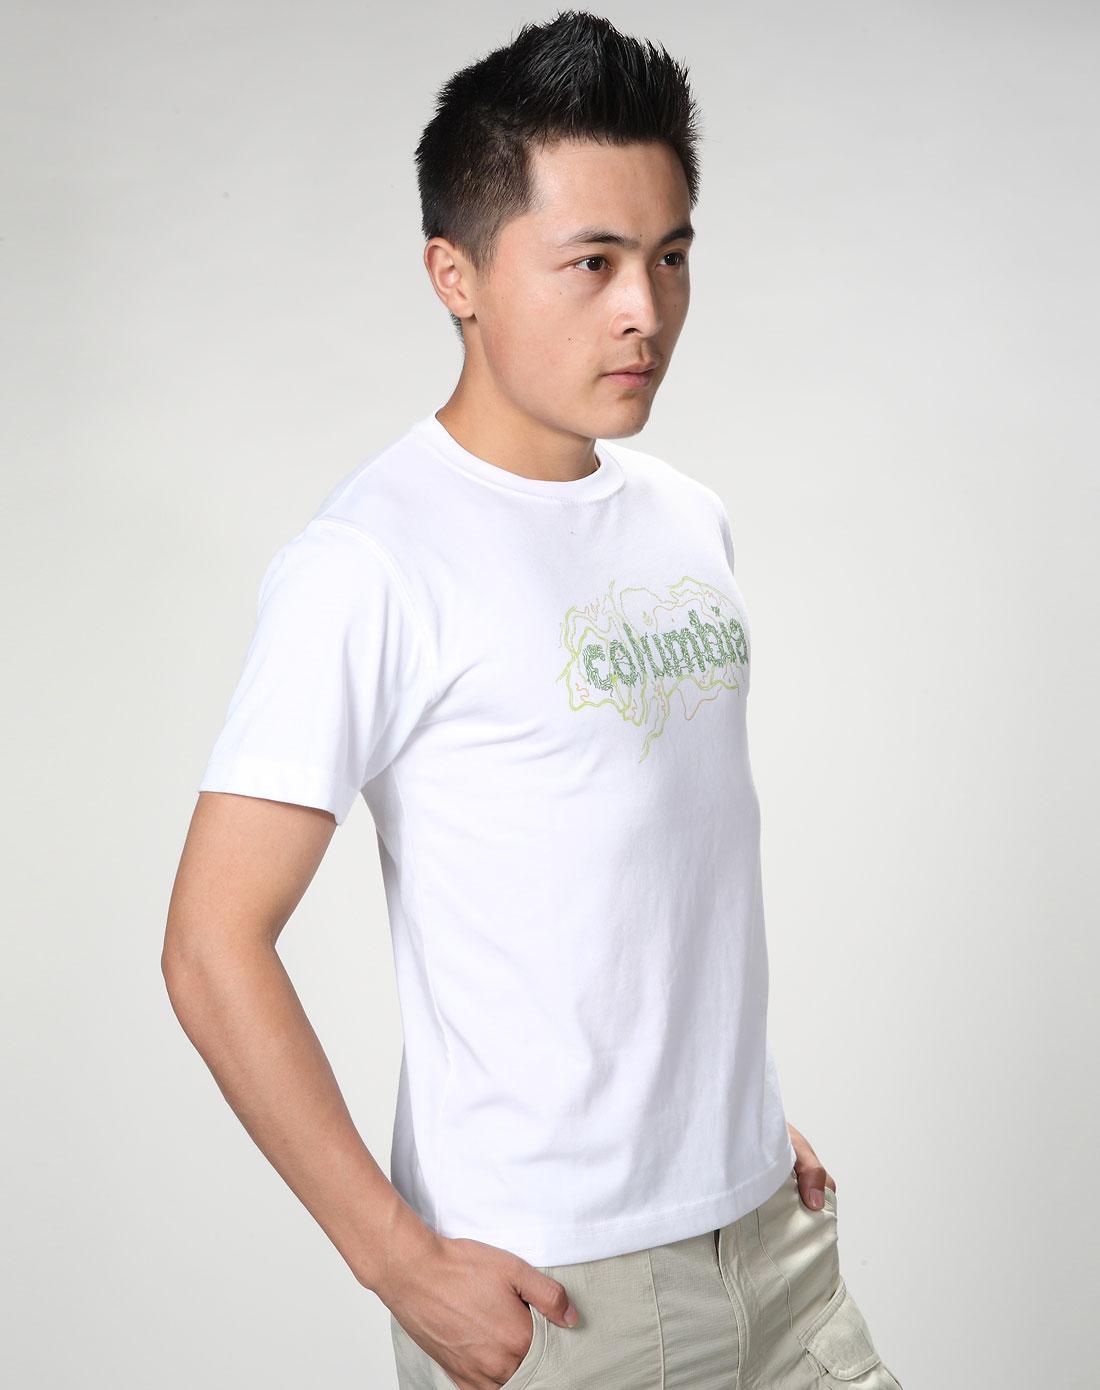 白色衬衫背景素材